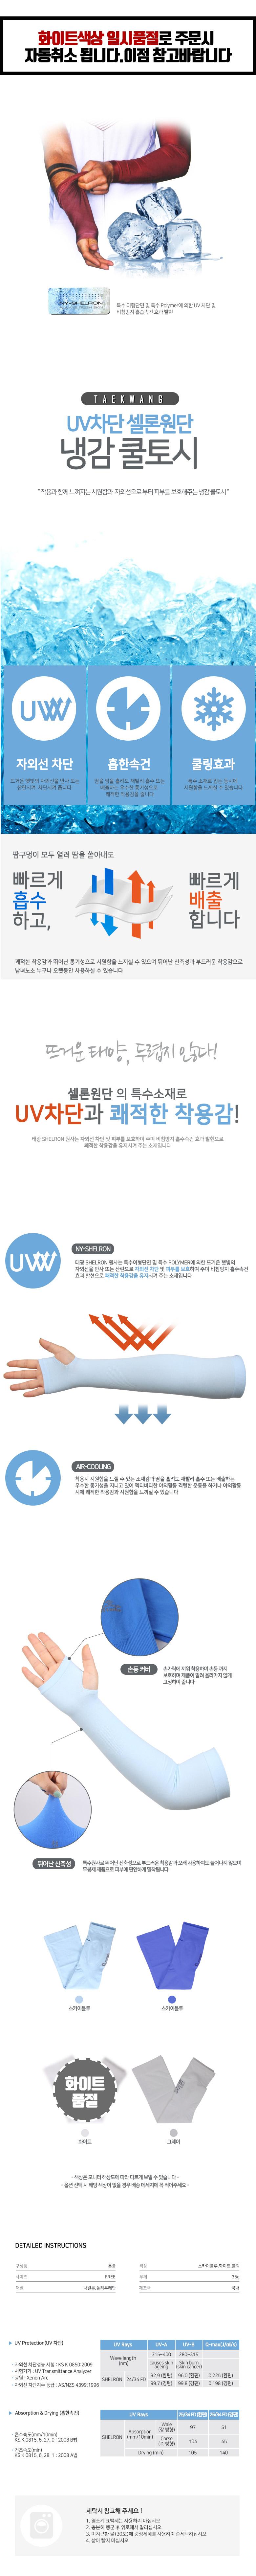 태광 UV차단 셀론원단 냉감 쿨토시-손등커버형(공용) - 디자인에버, 3,800원, 여름용품, 아이스/쿨링용품